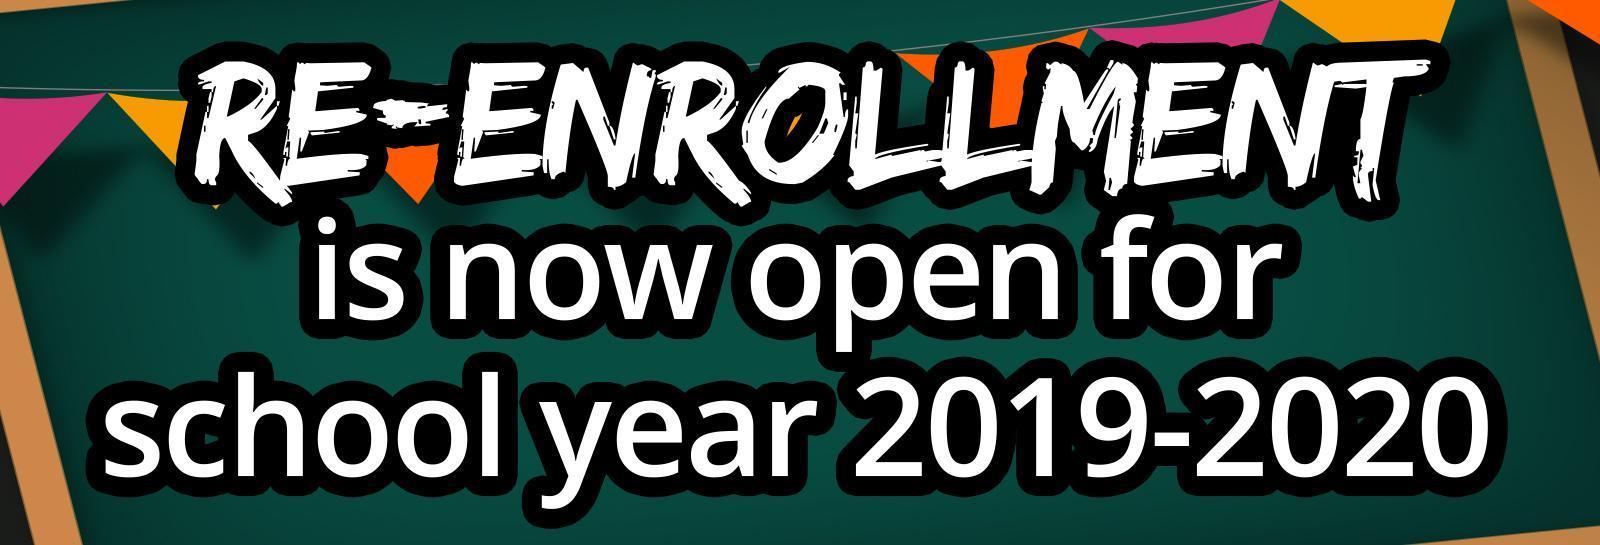 Re-Enrollment for 2019-20